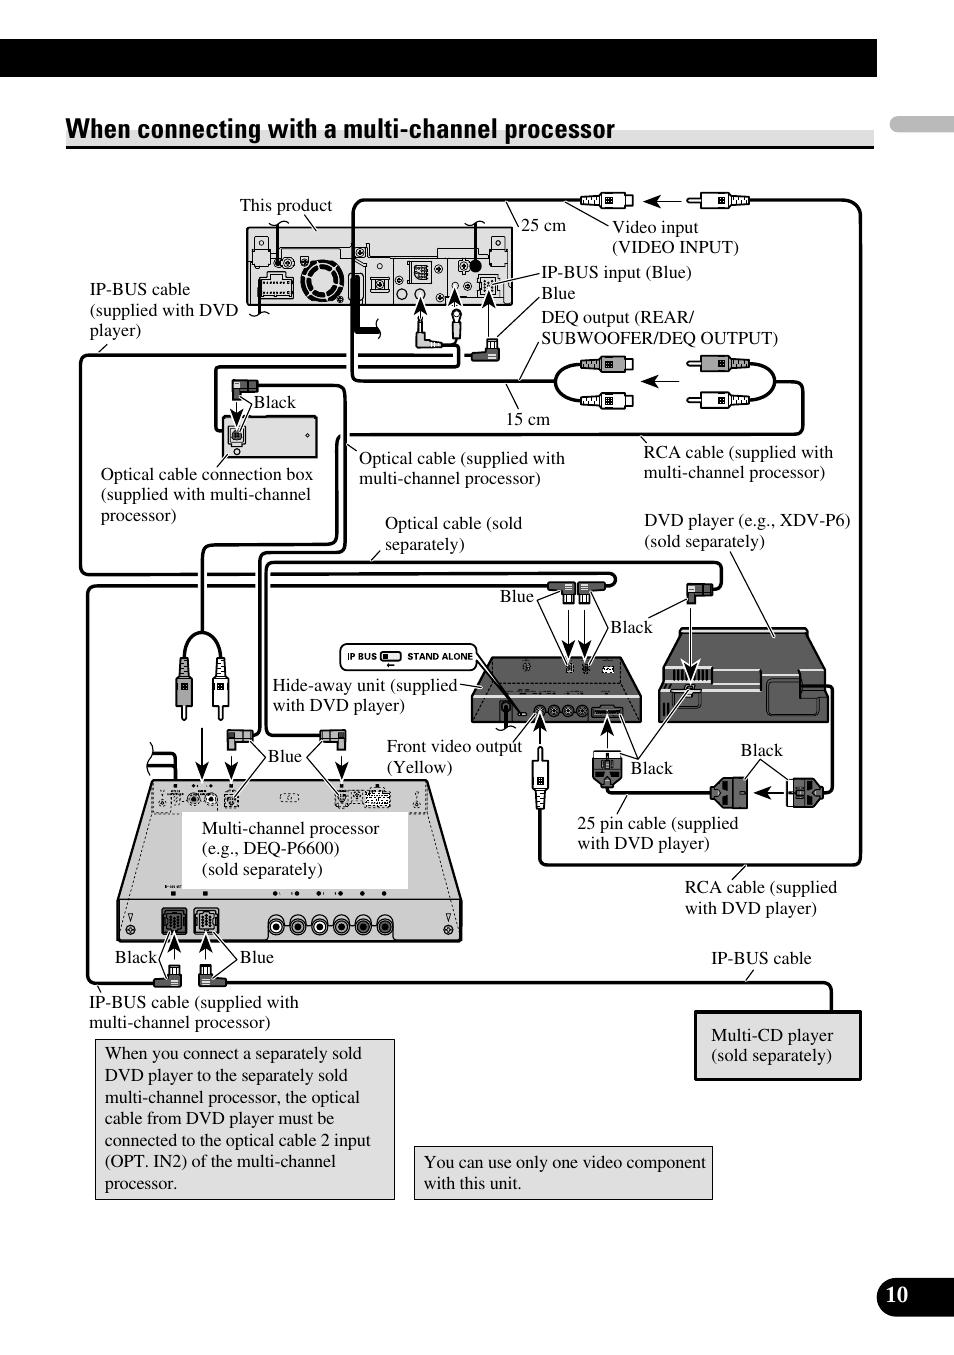 Pioneer Avh-X390Bs Wiring Diagram from www.manualsdir.com